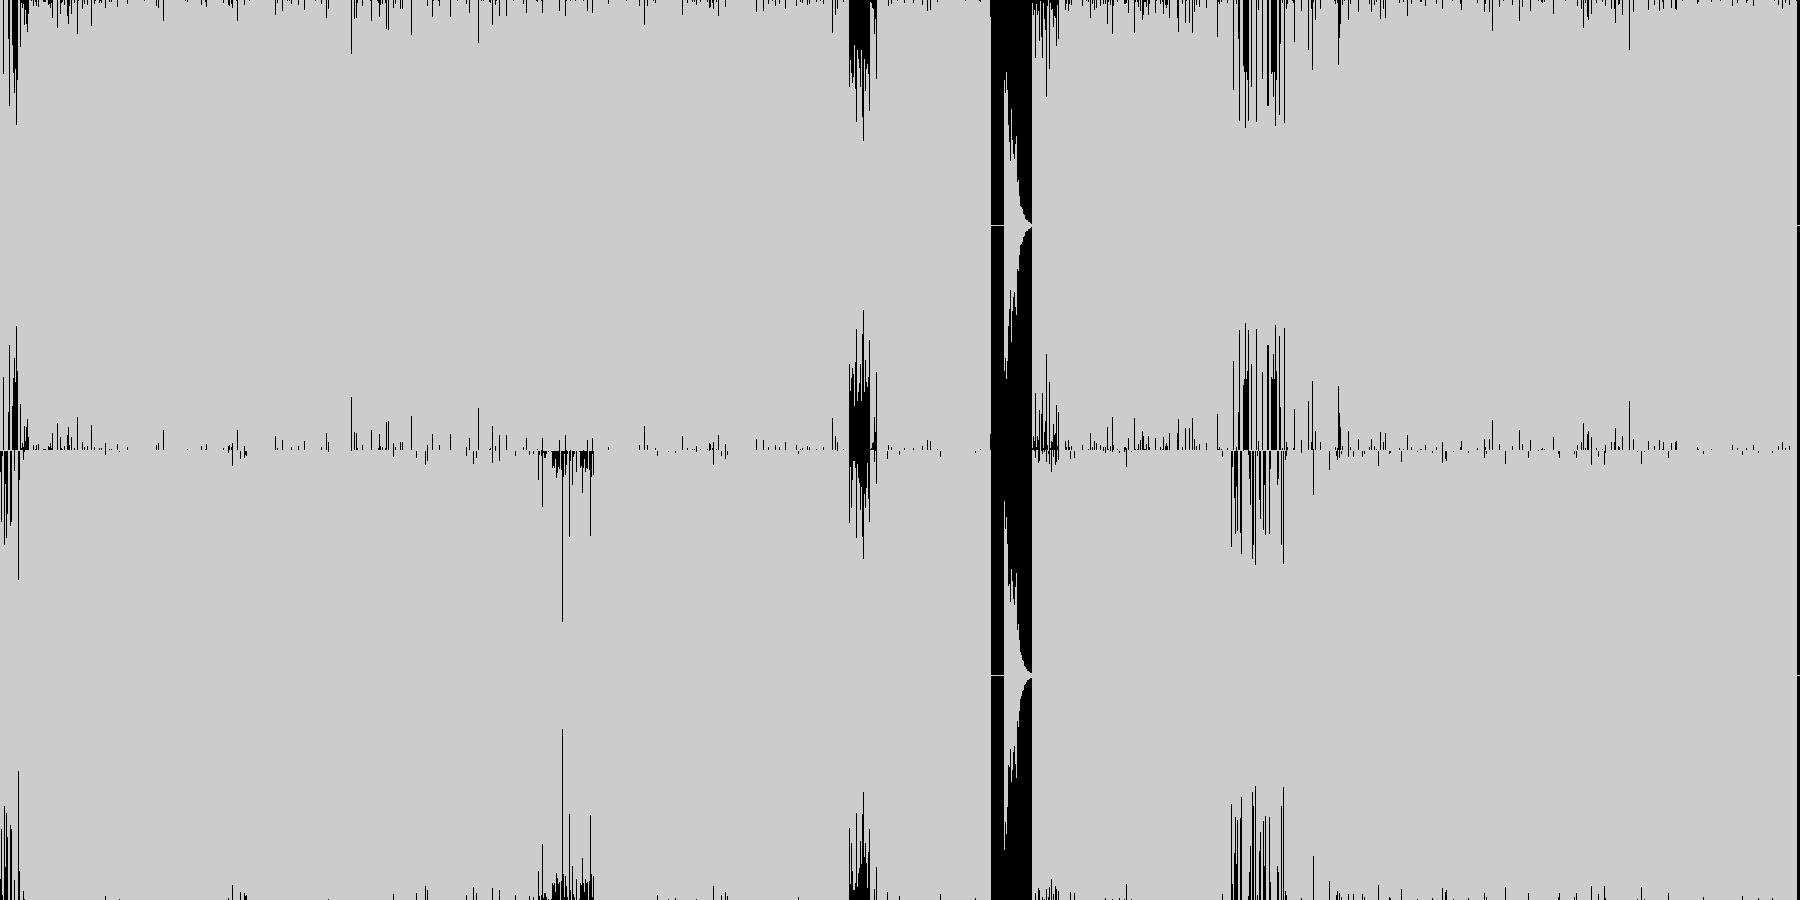 テクノ系のスピード感のある曲で、ゲーム…の未再生の波形